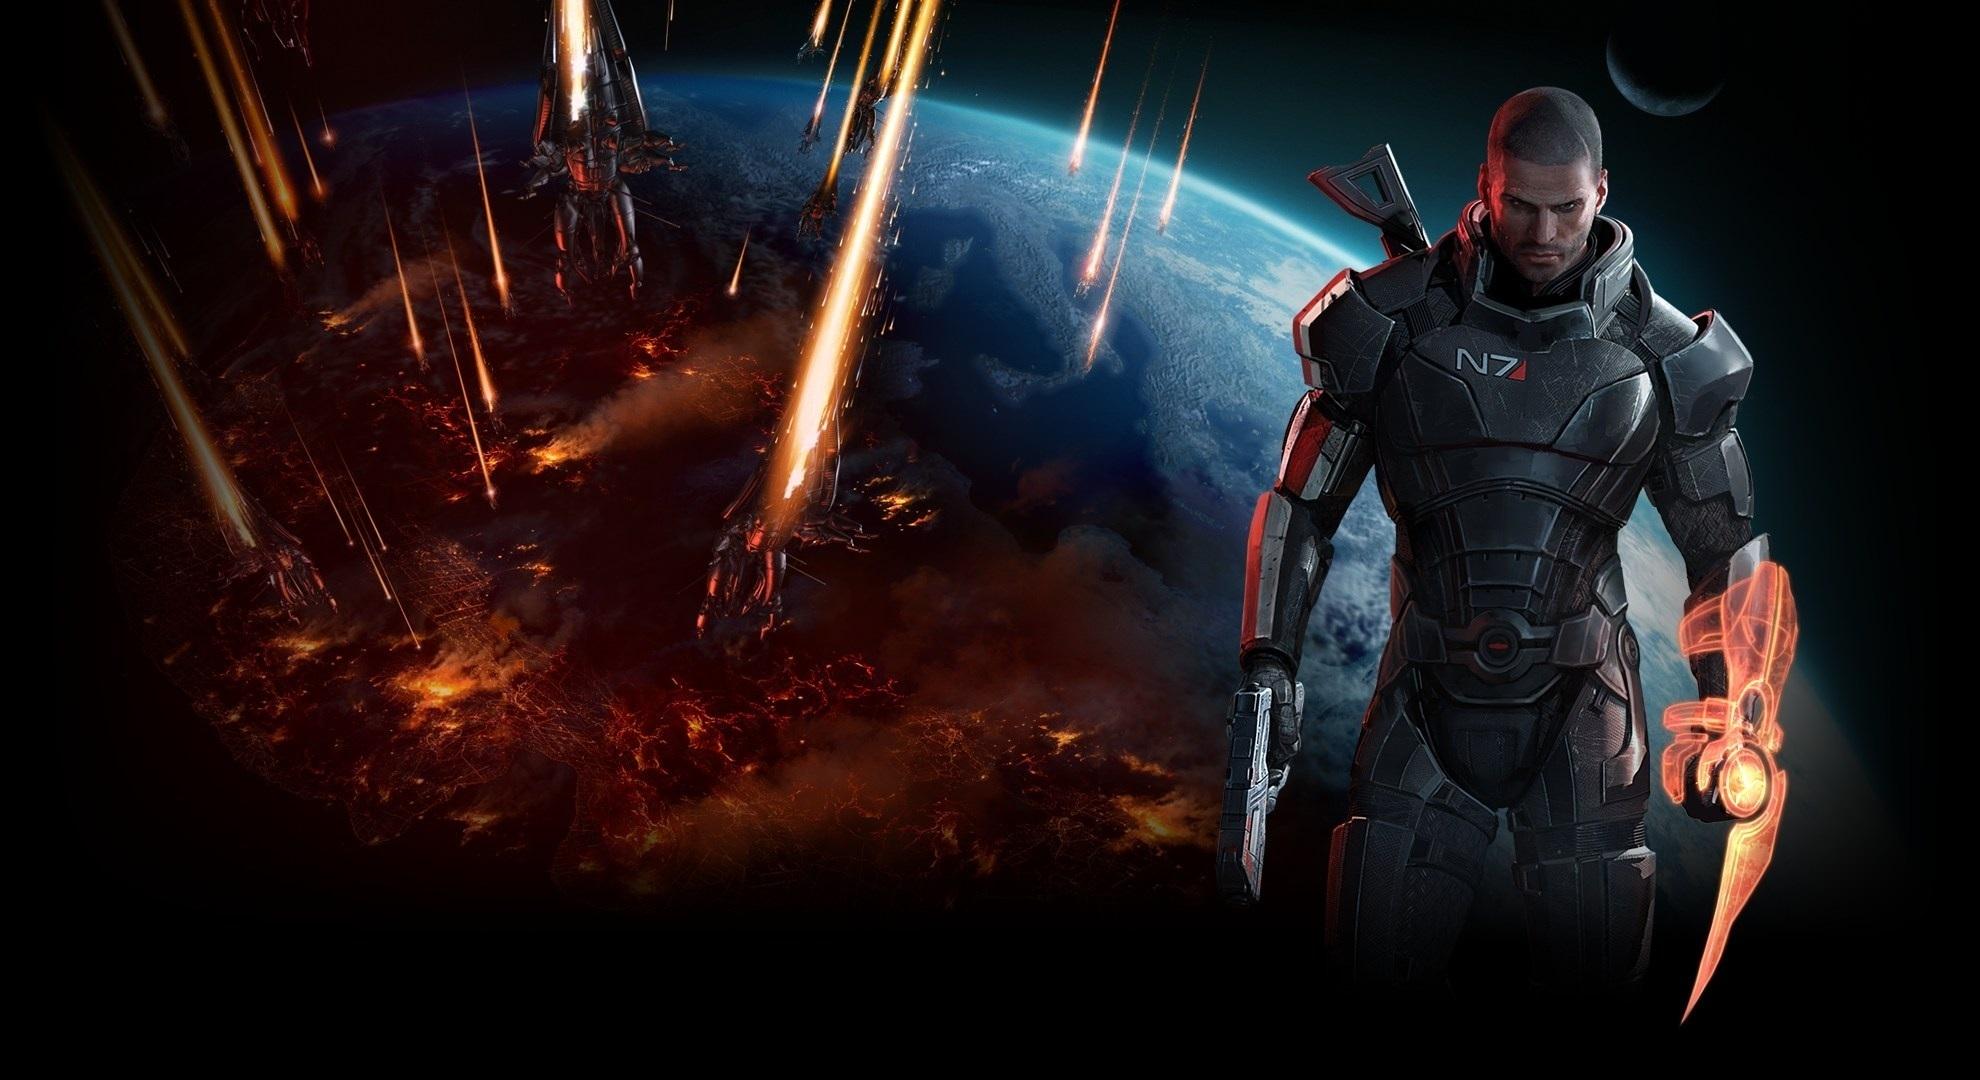 Mass Effect Desktop Backgrounds: Mass Effect 3 Wallpapers HD